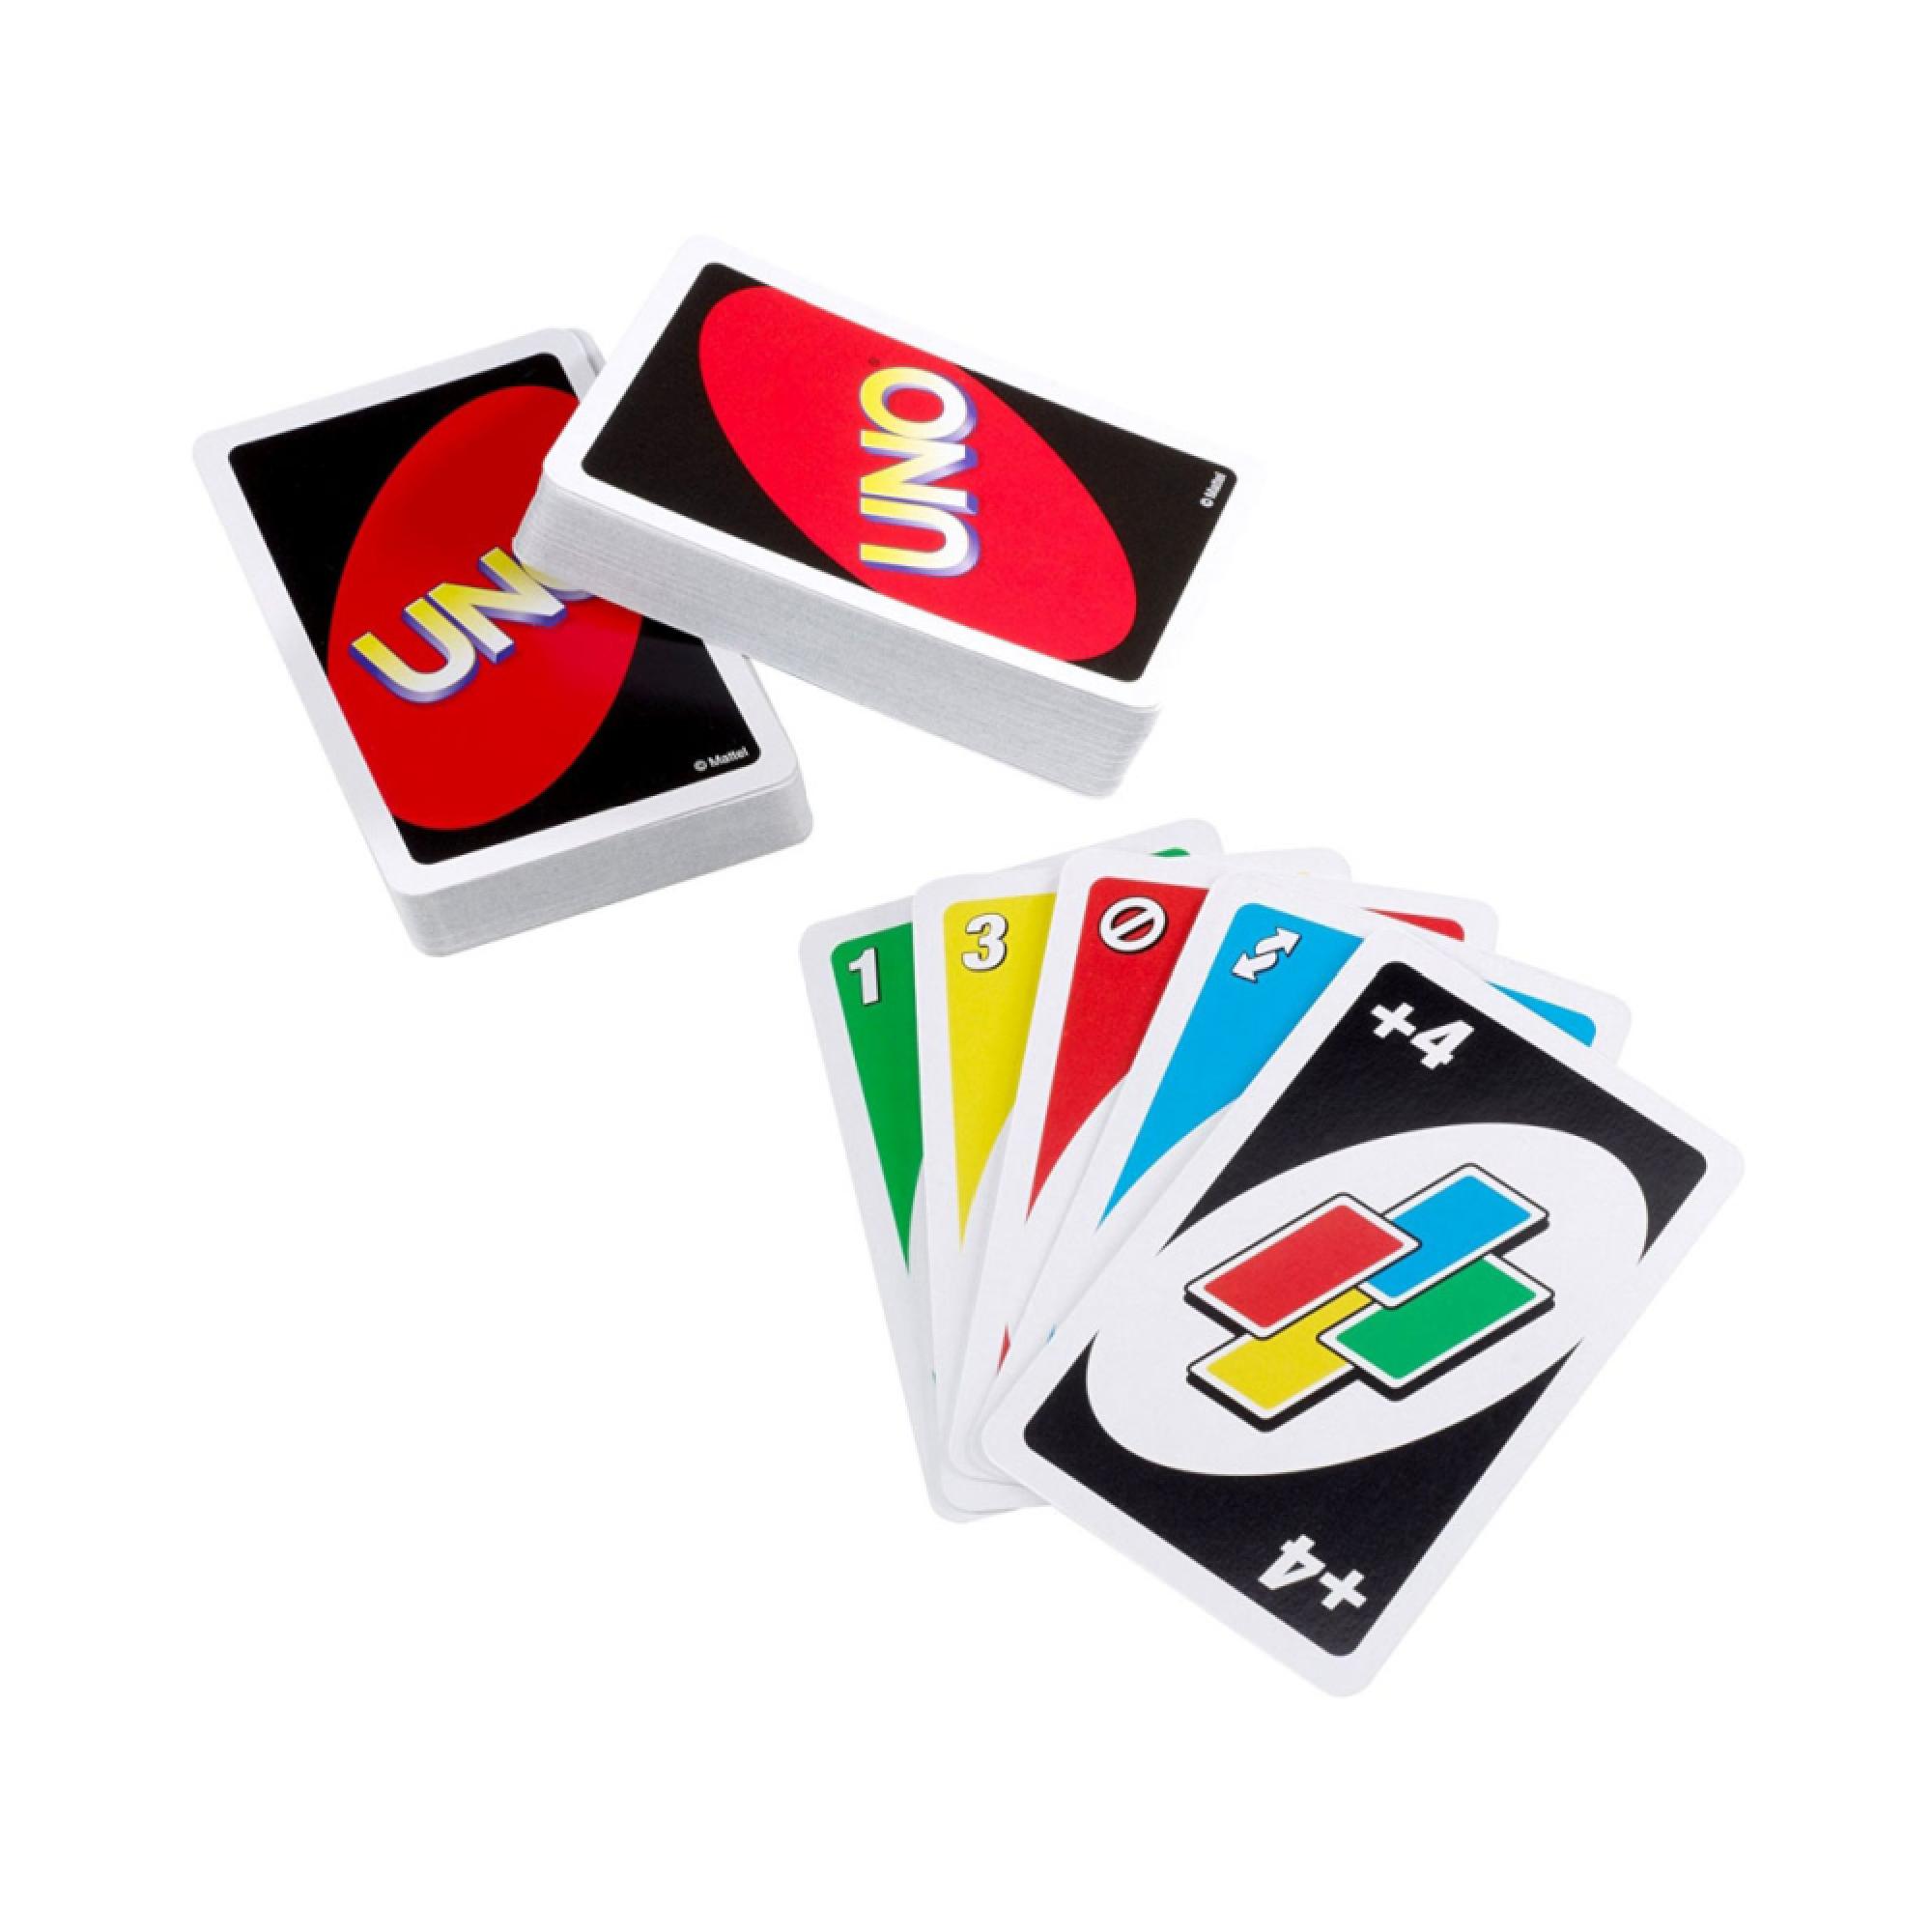 Mattel Inc. UNO jeu de cartes